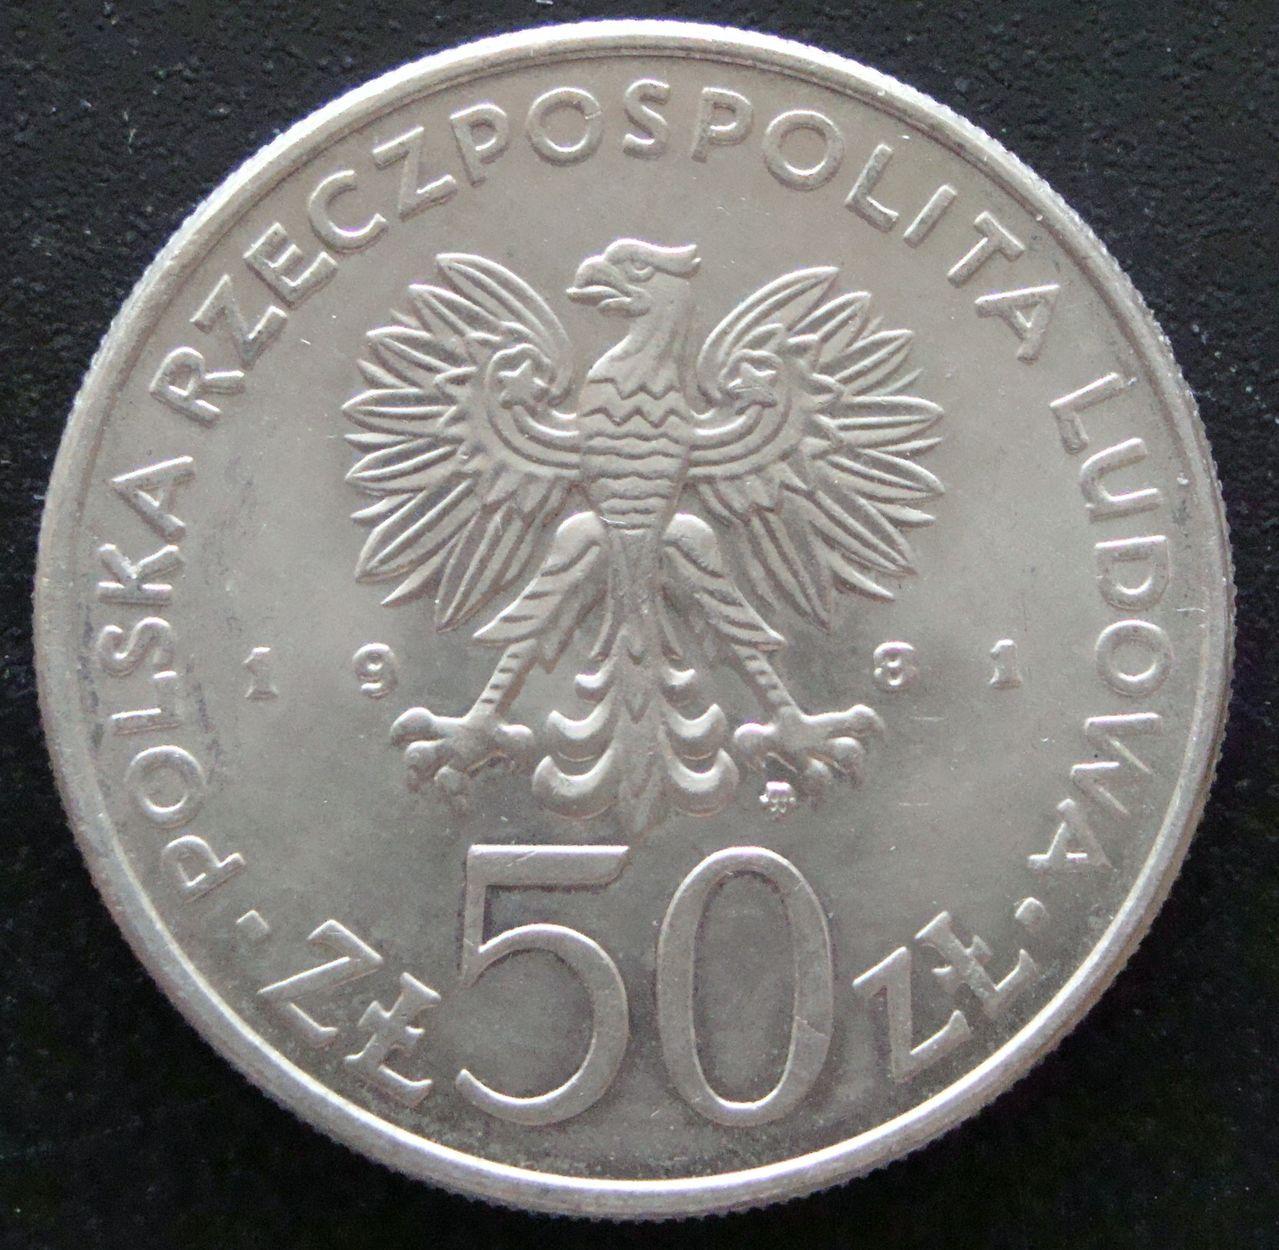 50 Zloty. Polonia (1981) Boleslaw II POL_50_Zloty_Boleslaw_II_Smialy_anv